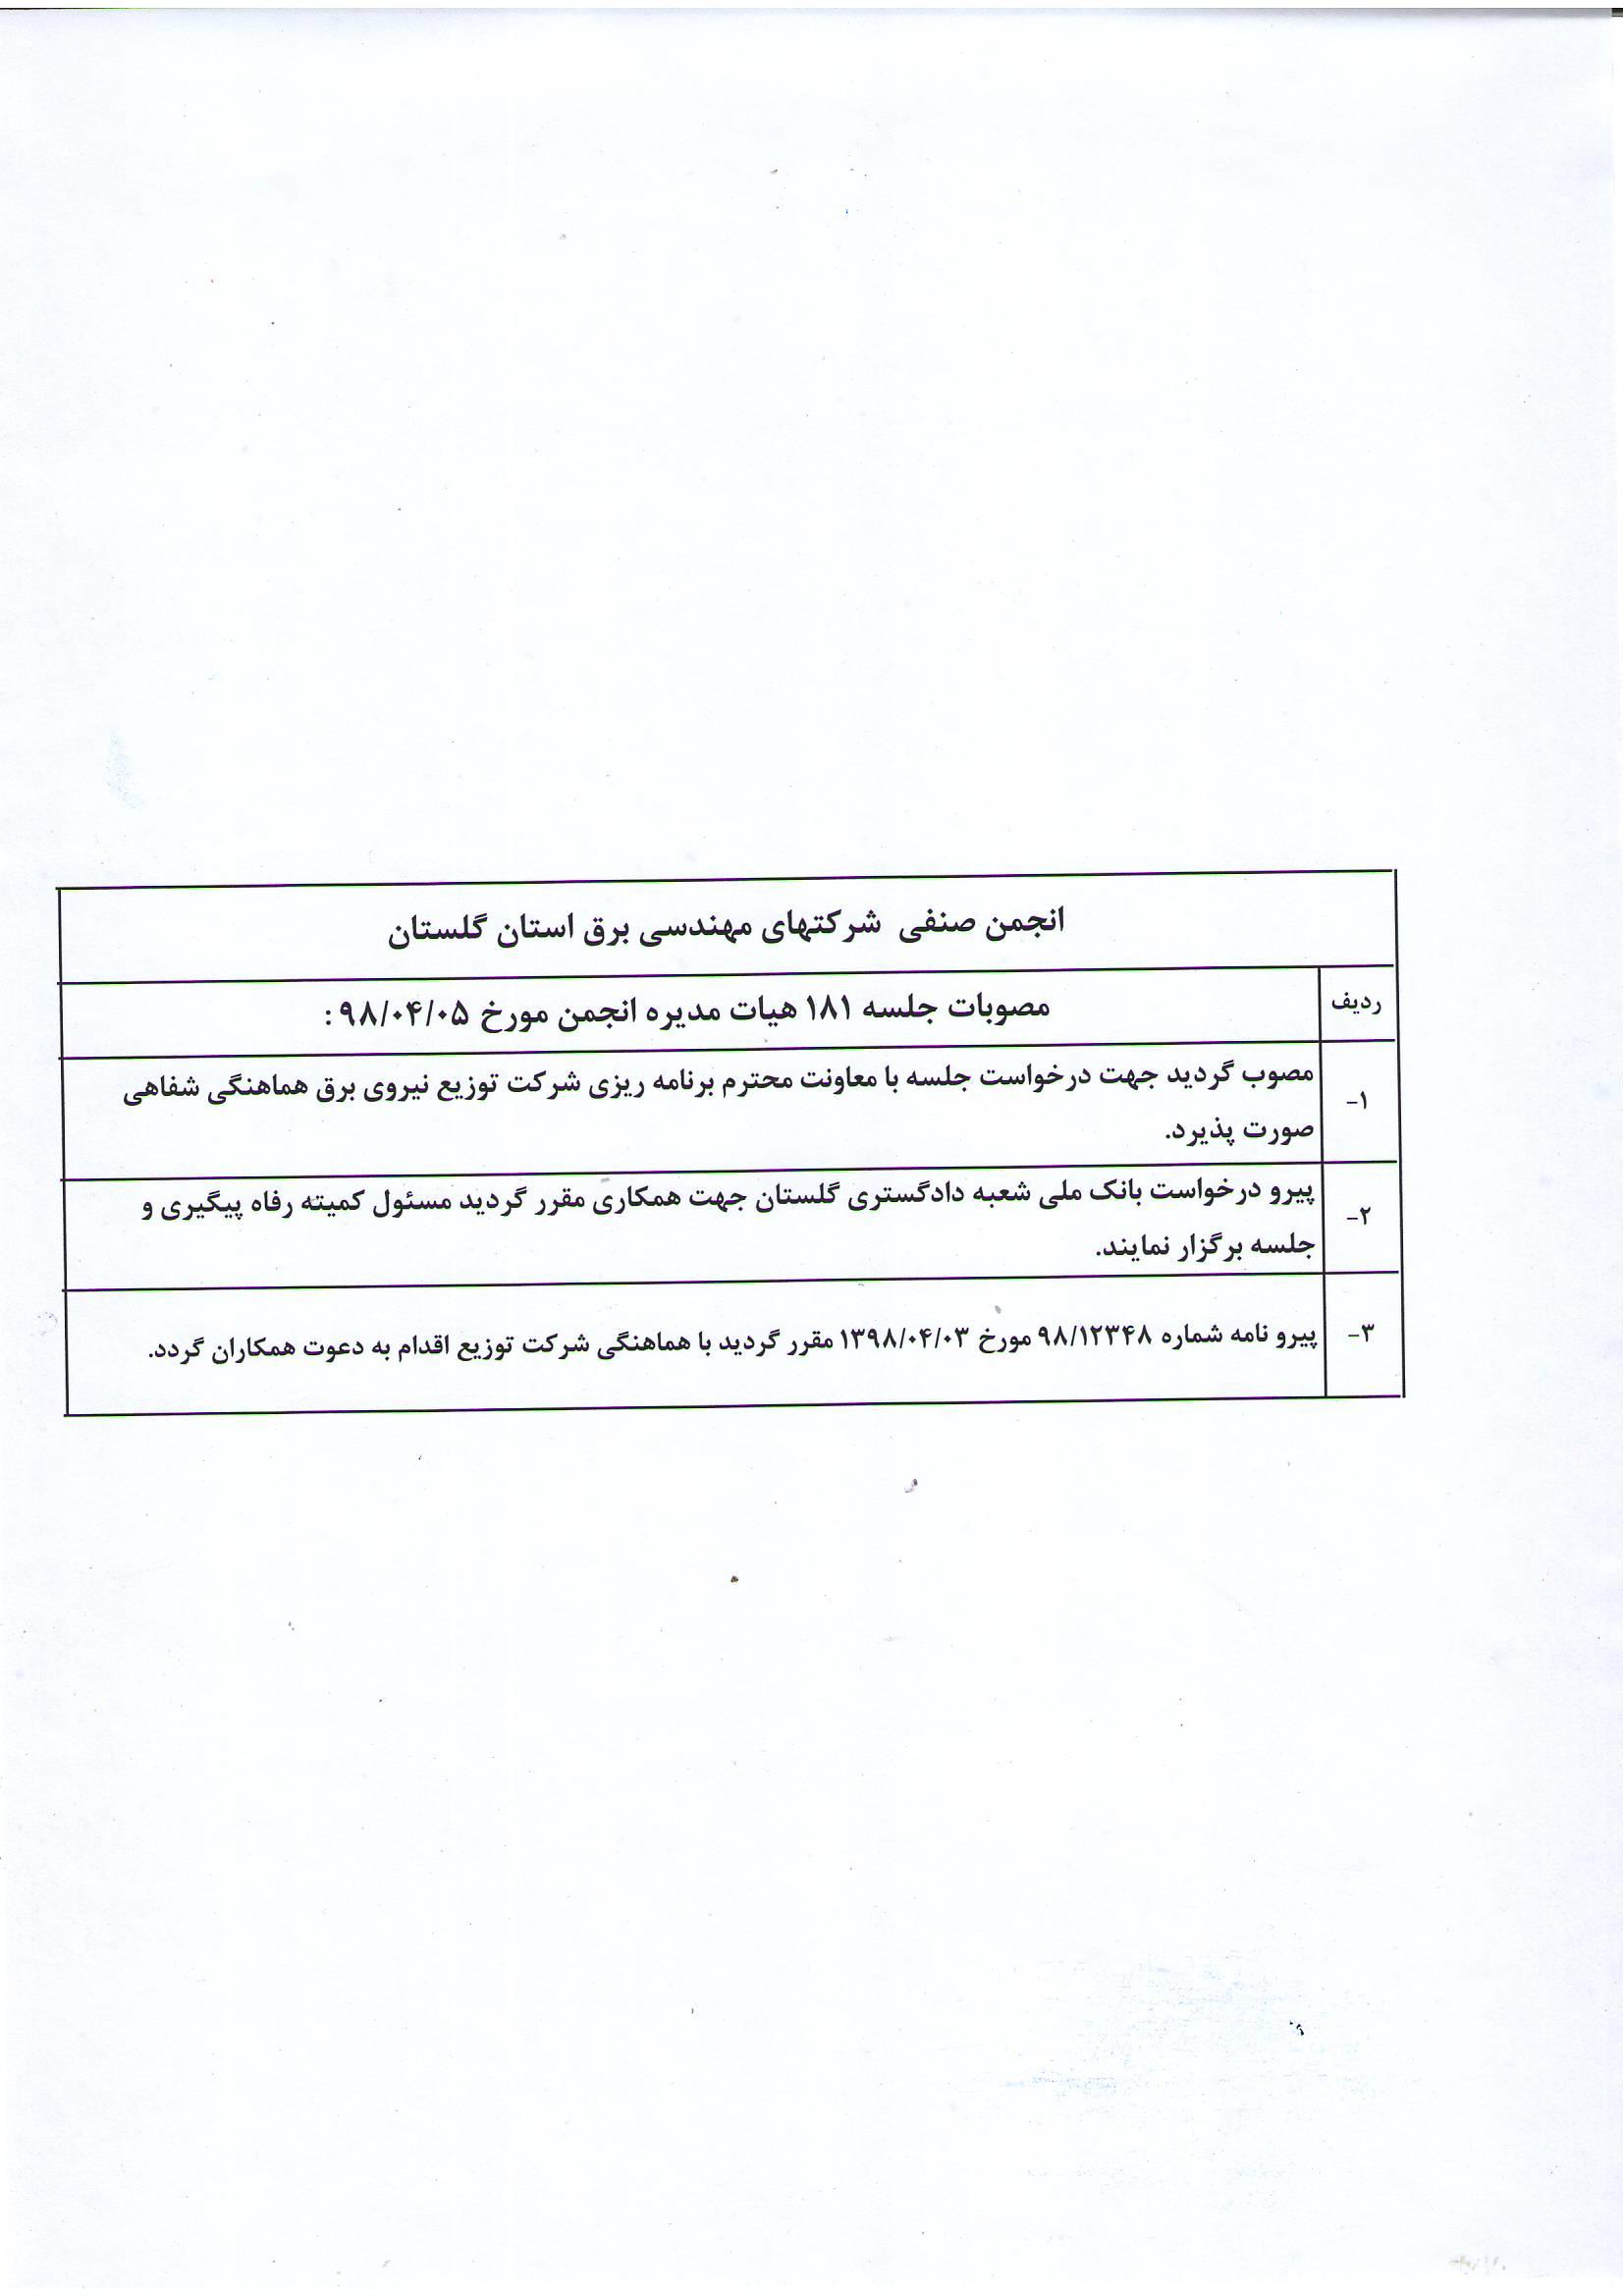 جلسه هیات مدیره مورخ 98/04/05